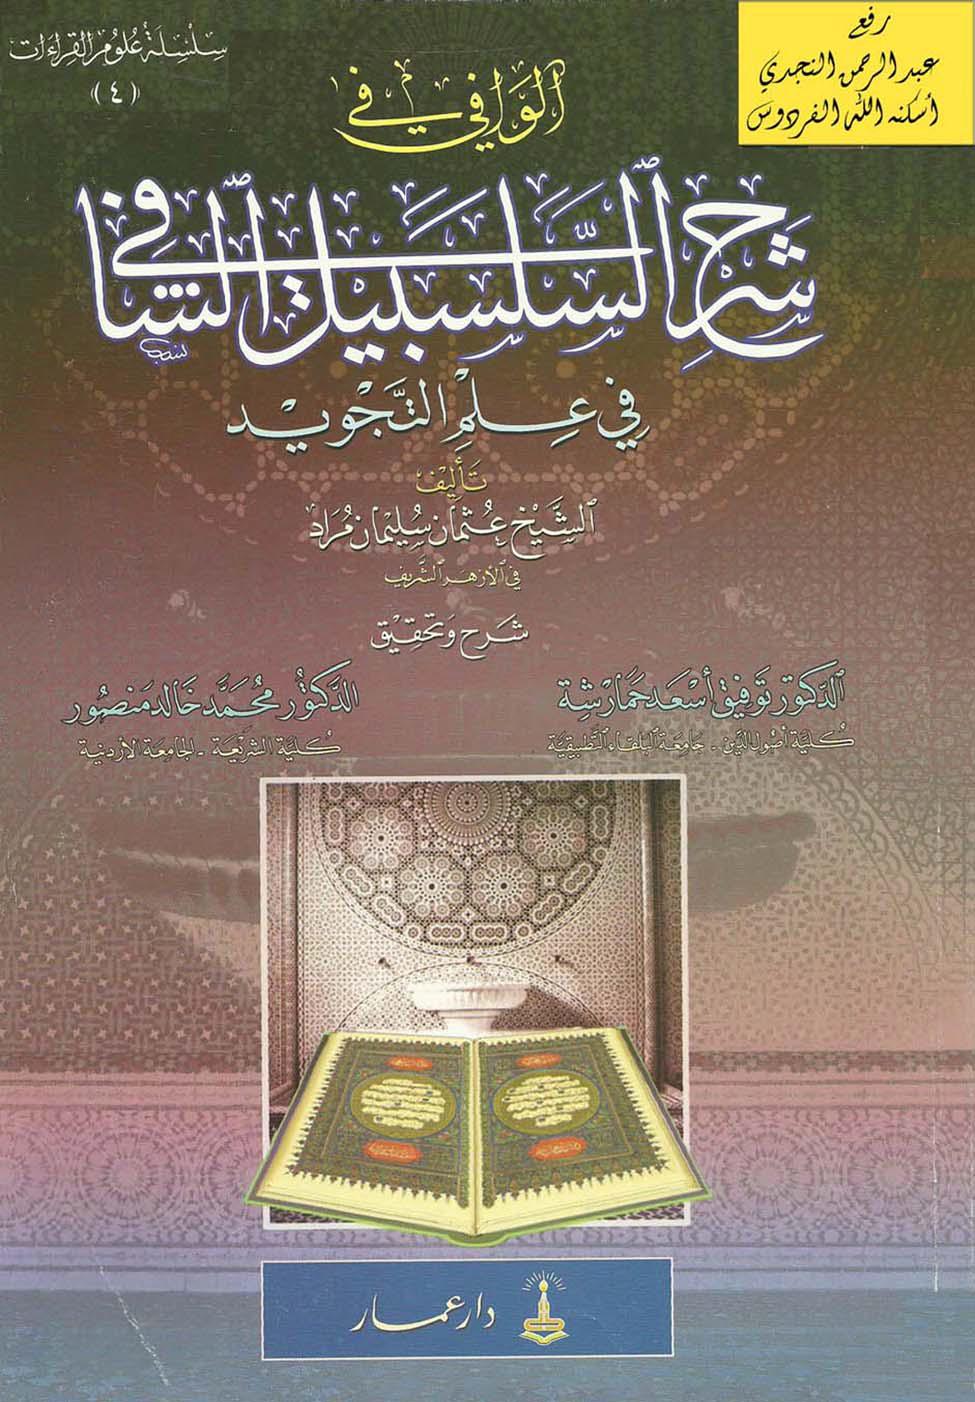 تحميل كتاب الوافي في شرح السلسبيل الشافي في علم التجويد لـِ: الشيخ عثمان بن سليمان مراد علي أغا (ت 1382)